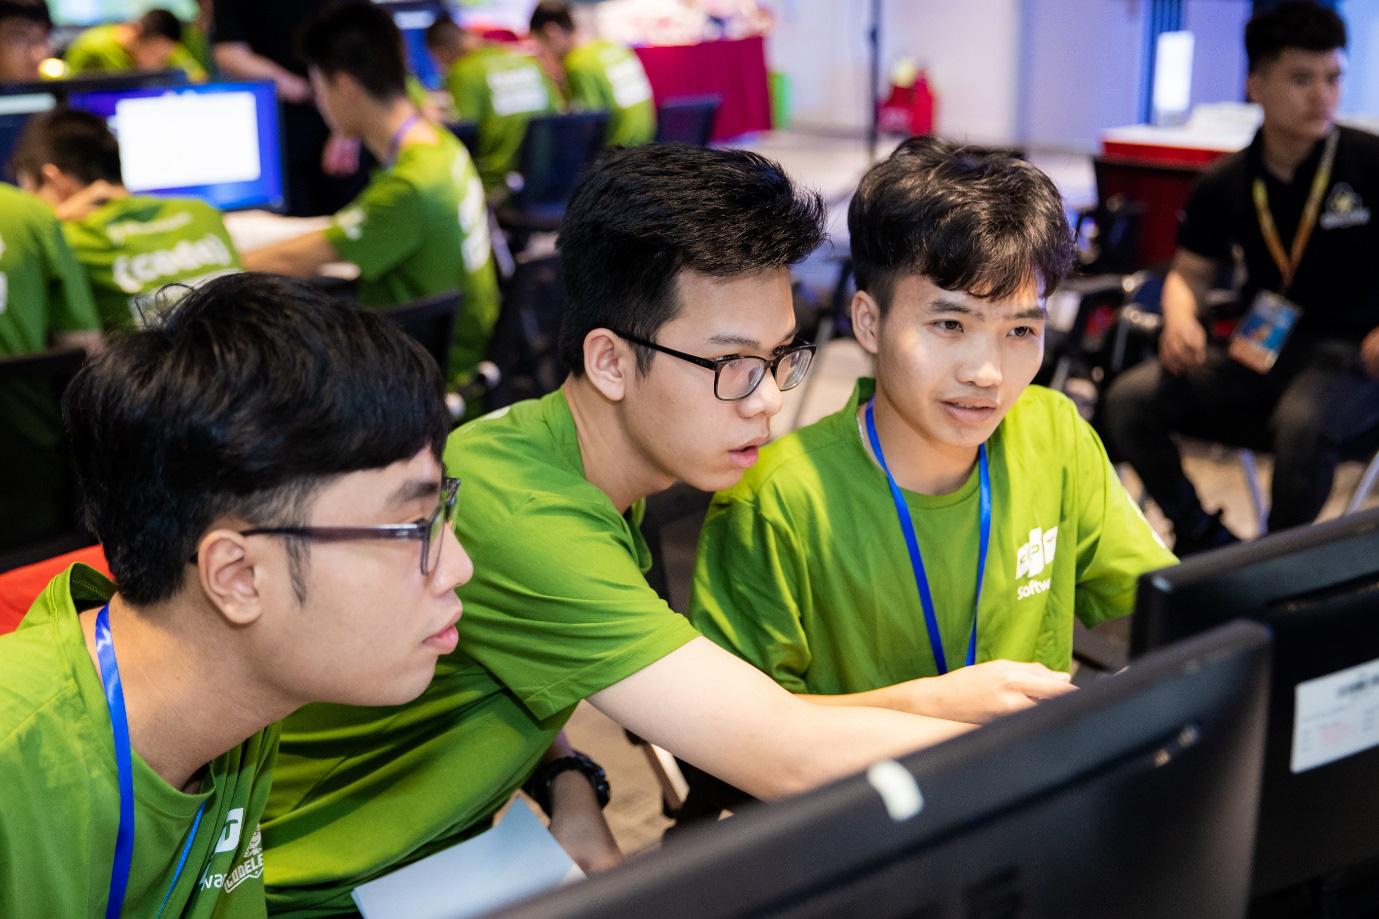 FPT là nhà tuyển dụng hấp dẫn nhất với sinh viên công nghệ Việt - Ảnh 3.